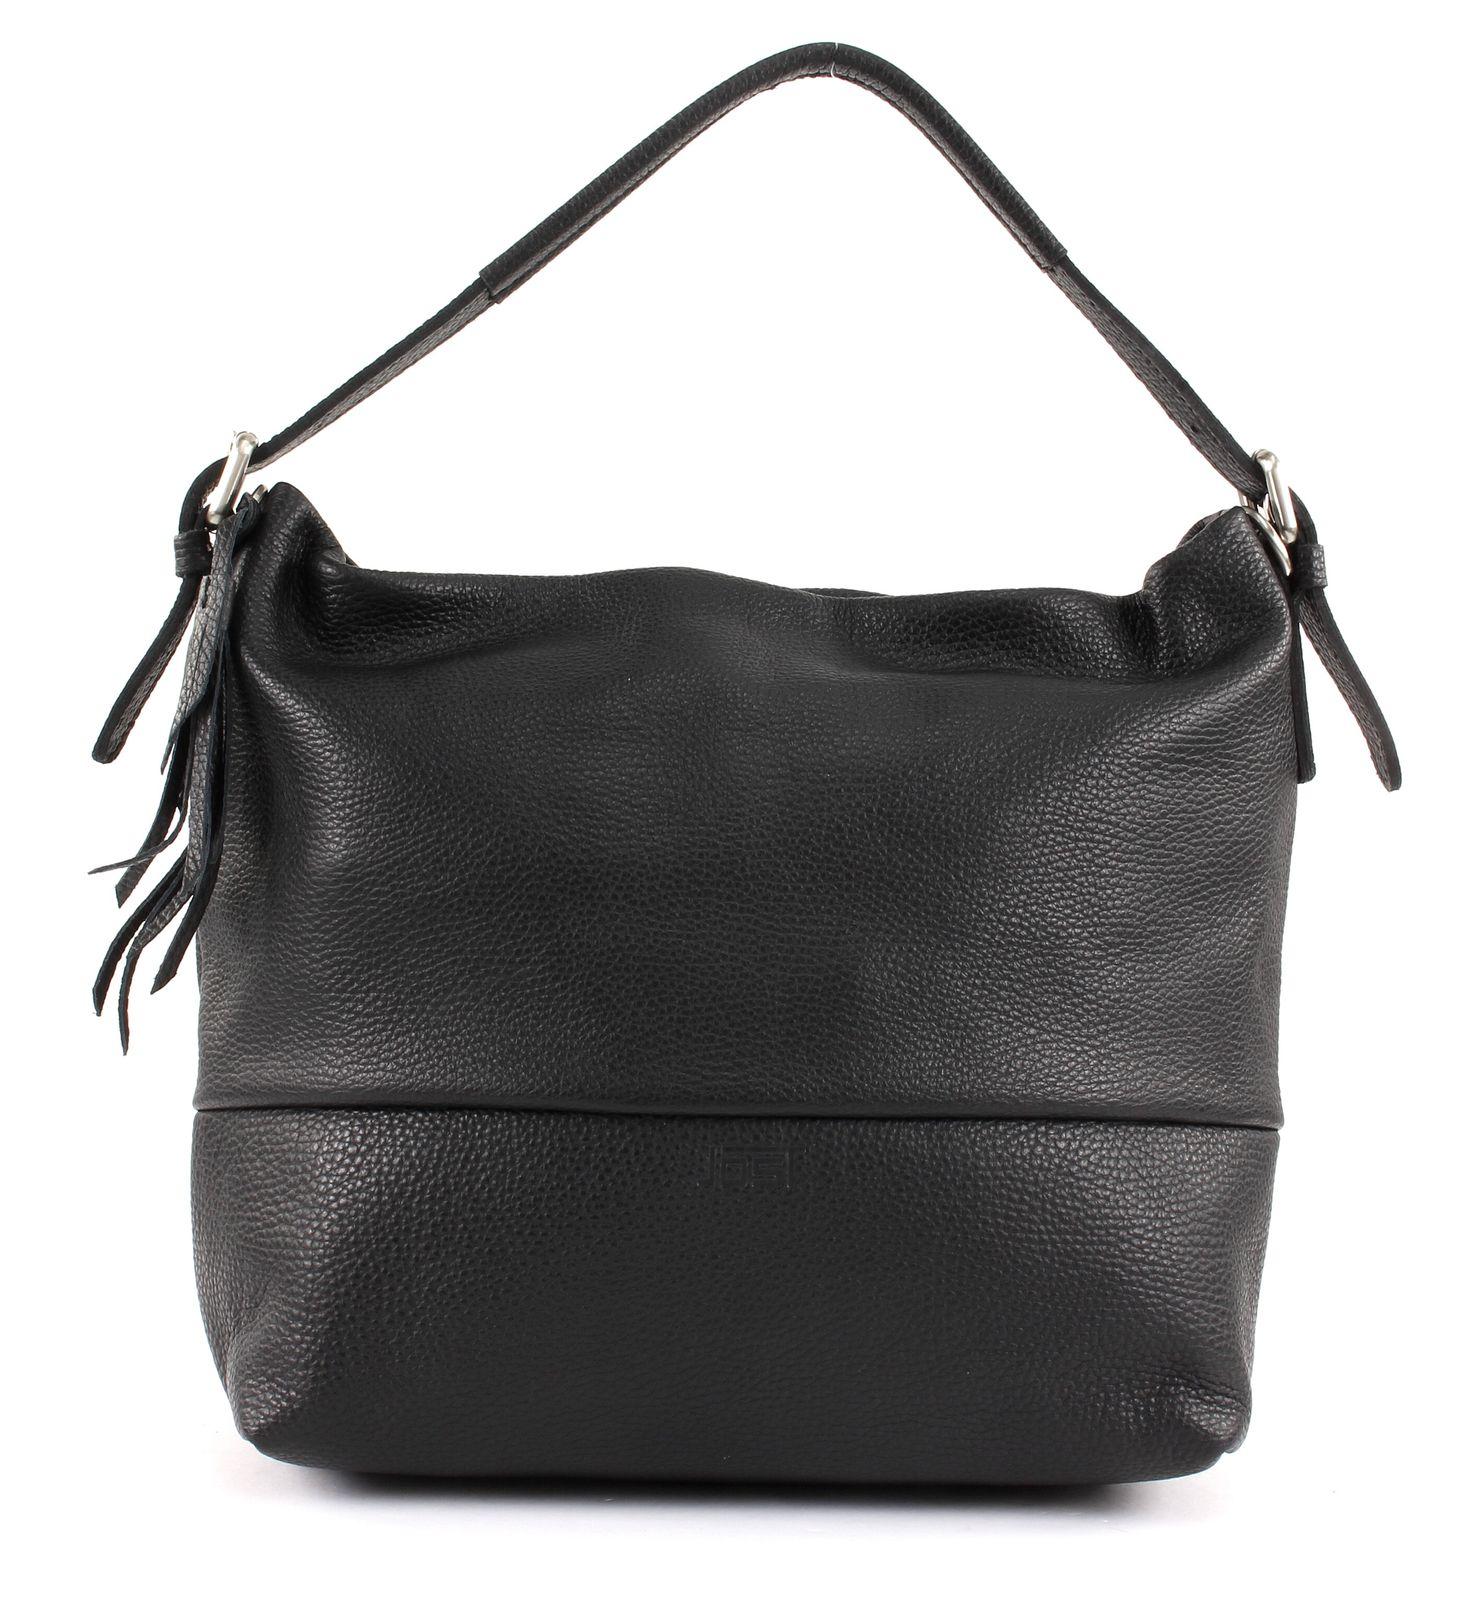 JOST Vika RV Handtasche M Black